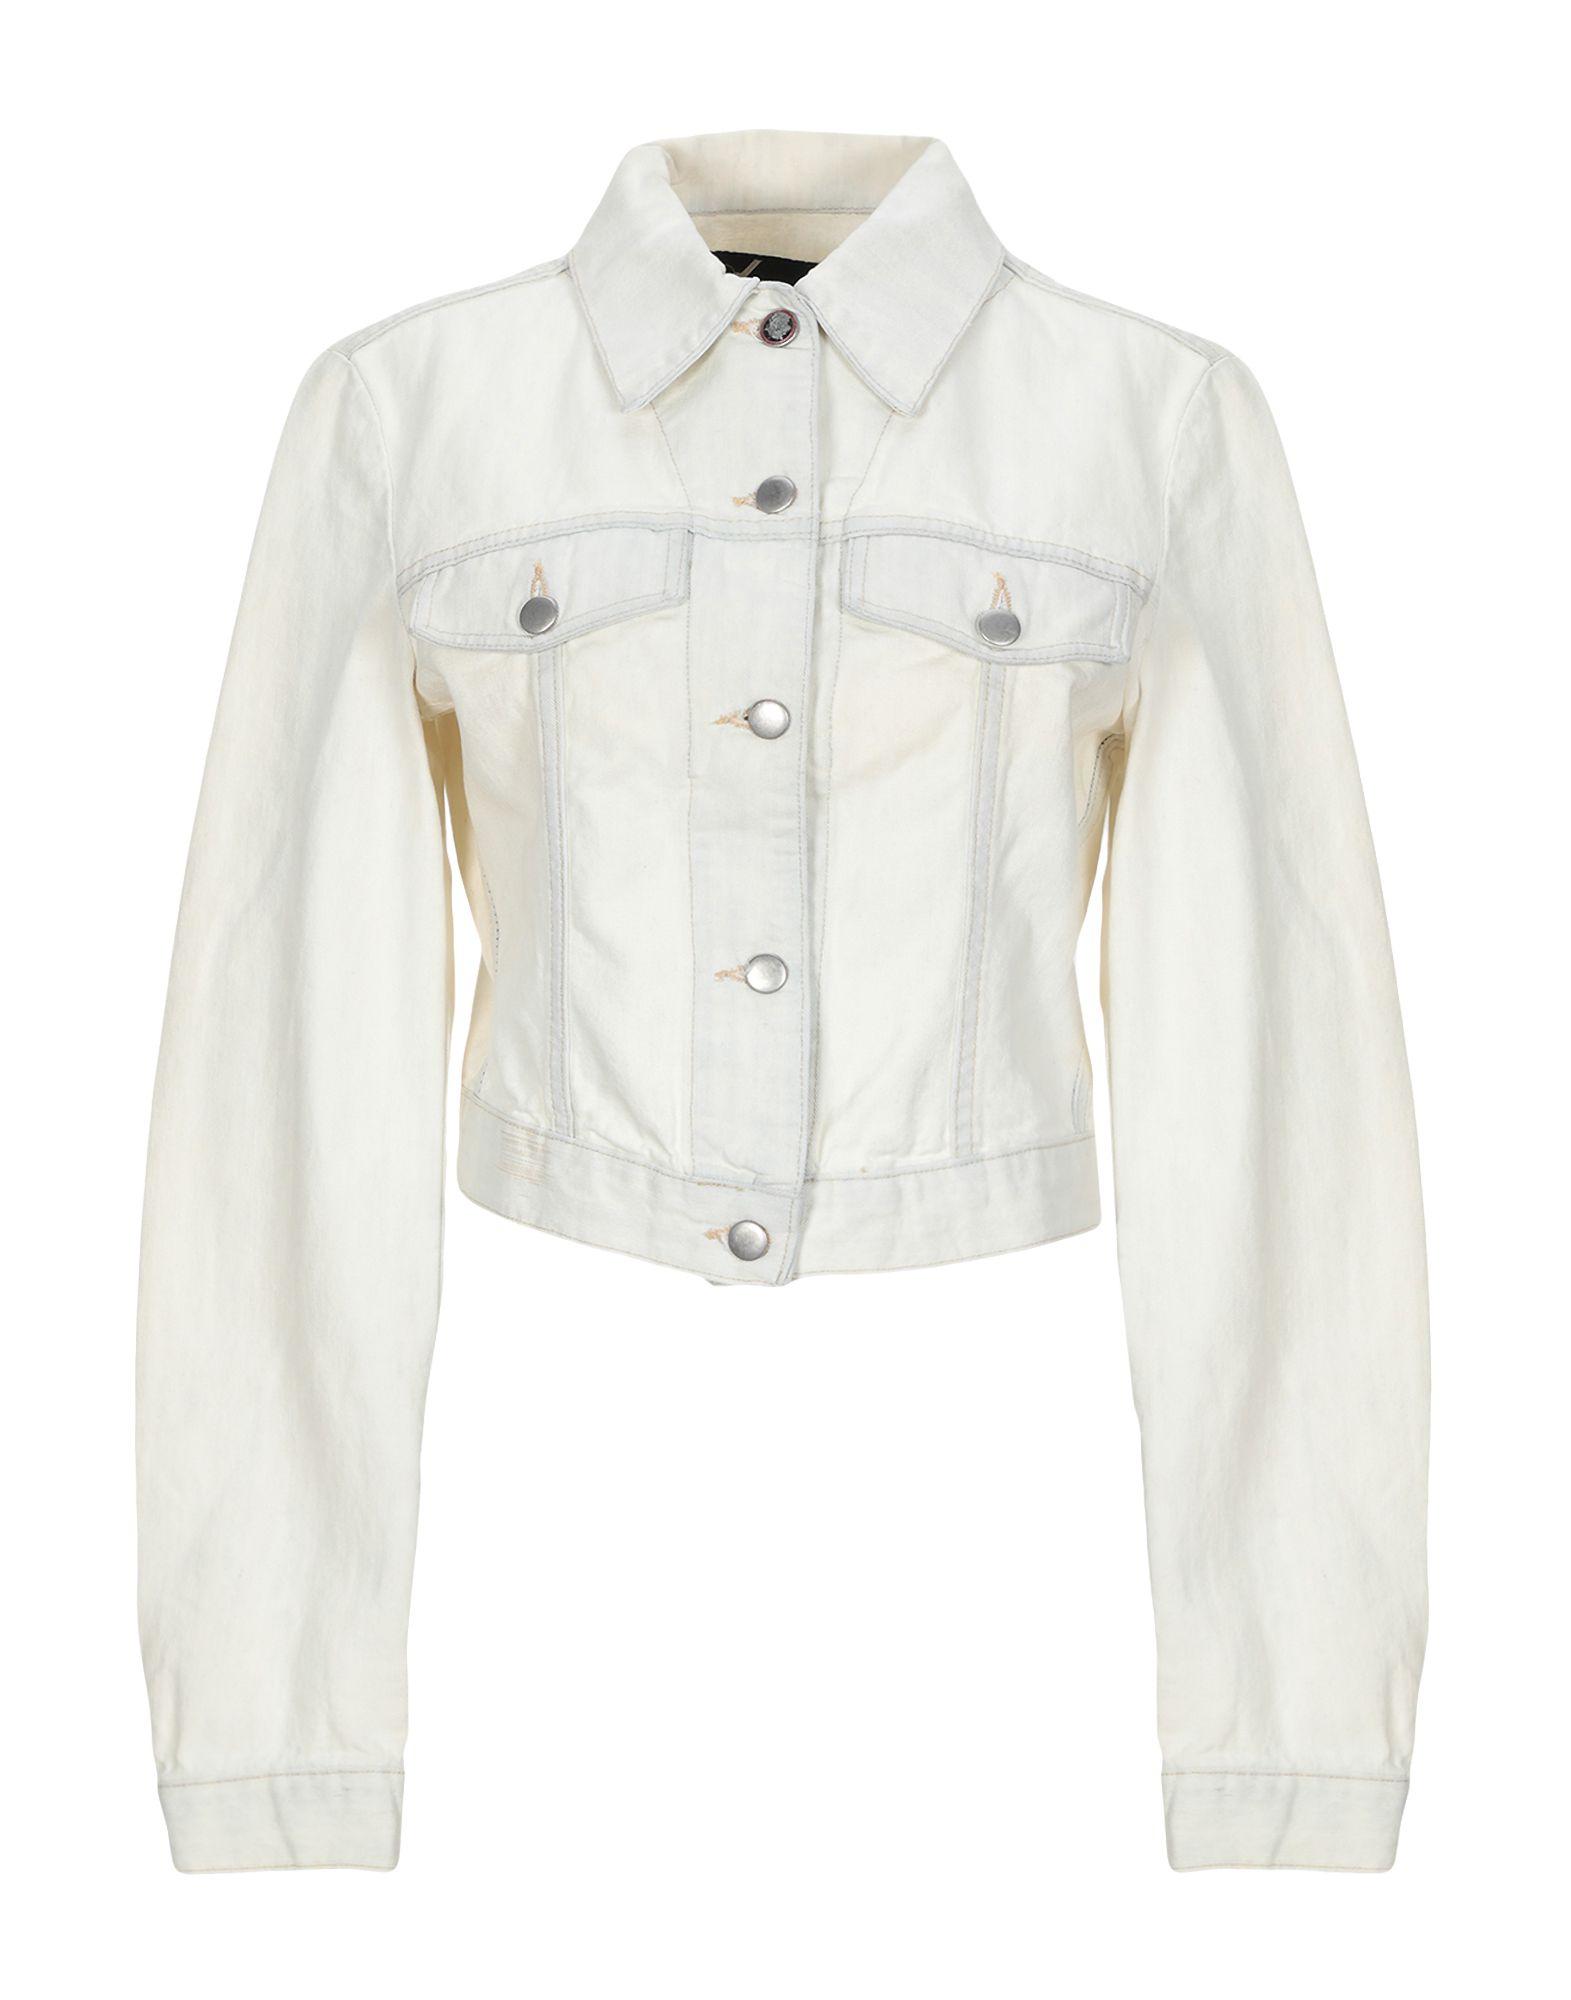 ANDREW MACKENZIE Джинсовая верхняя одежда andrew mackenzie джинсовые брюки